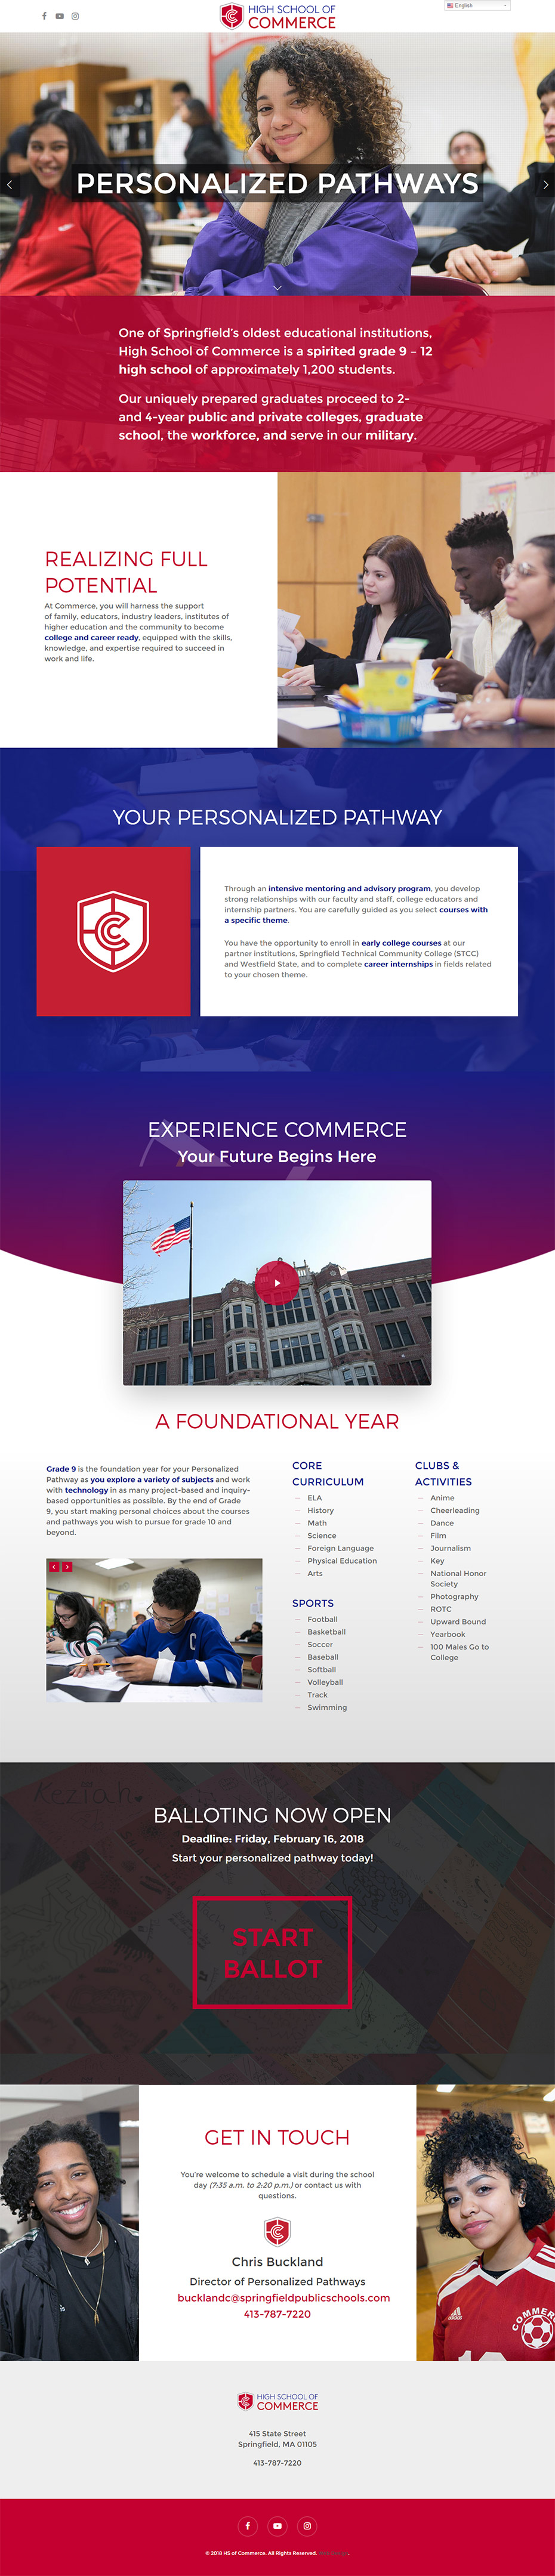 High School of Commerce website design